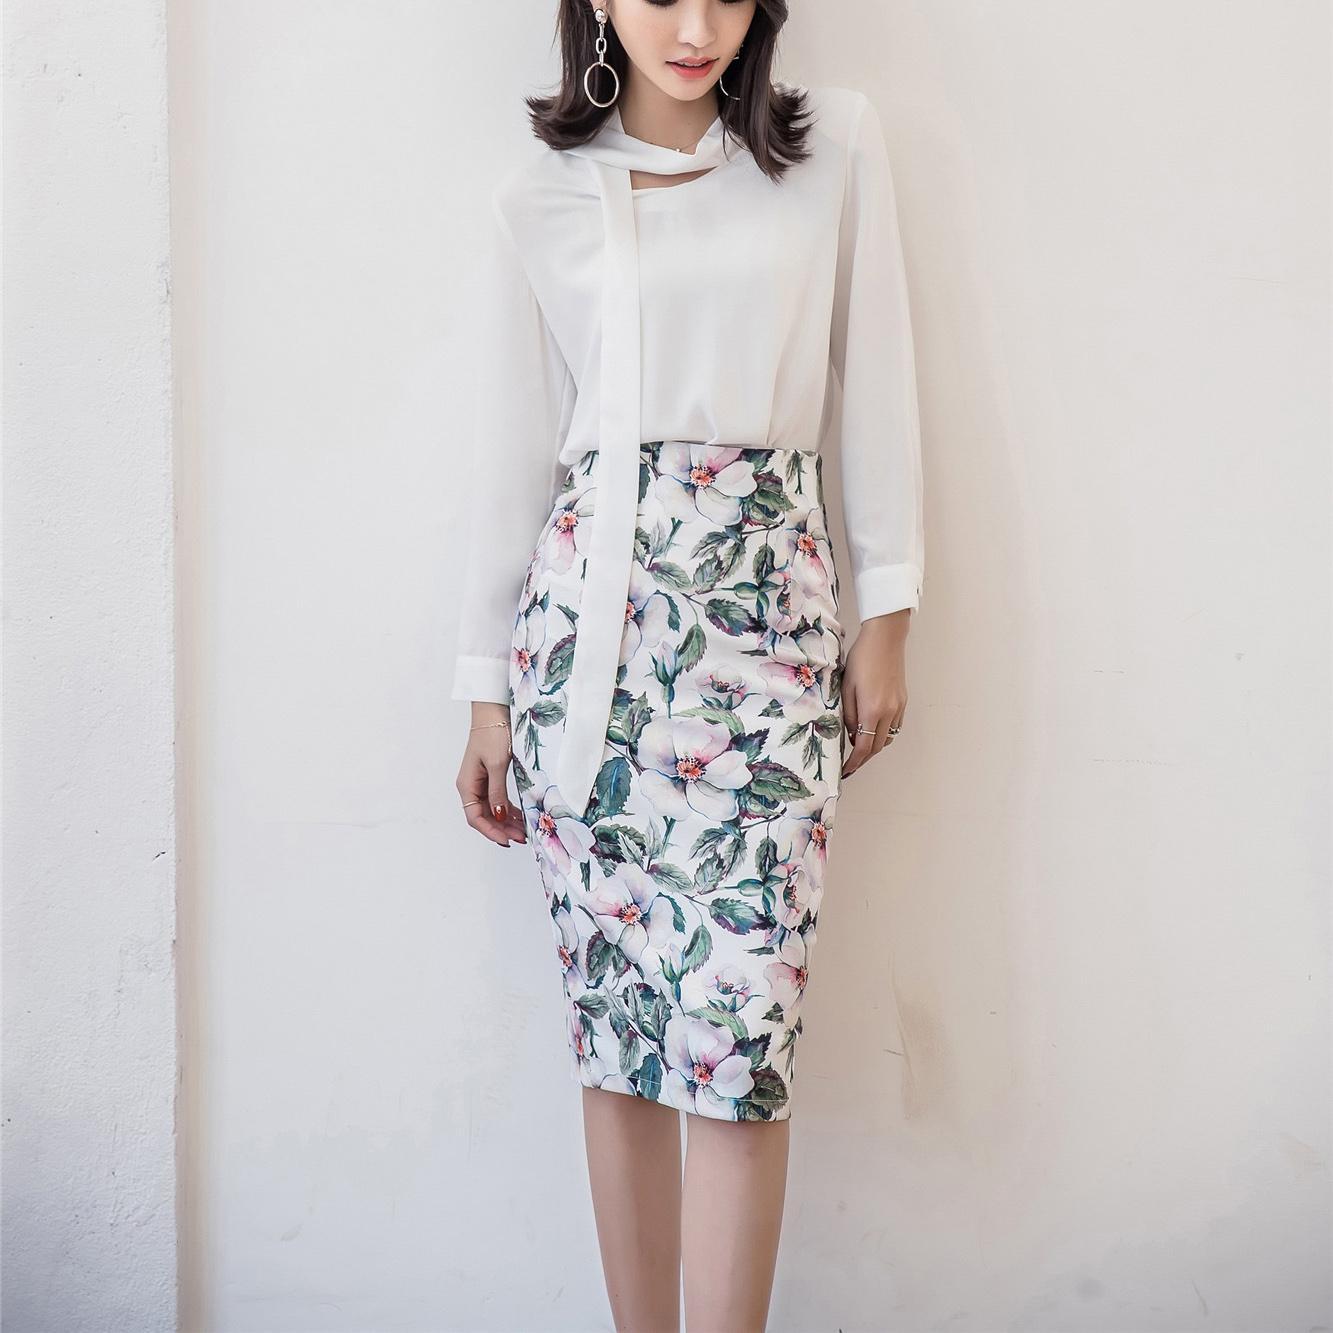 2017 Bahar Modası Stillerinde Yenilikler